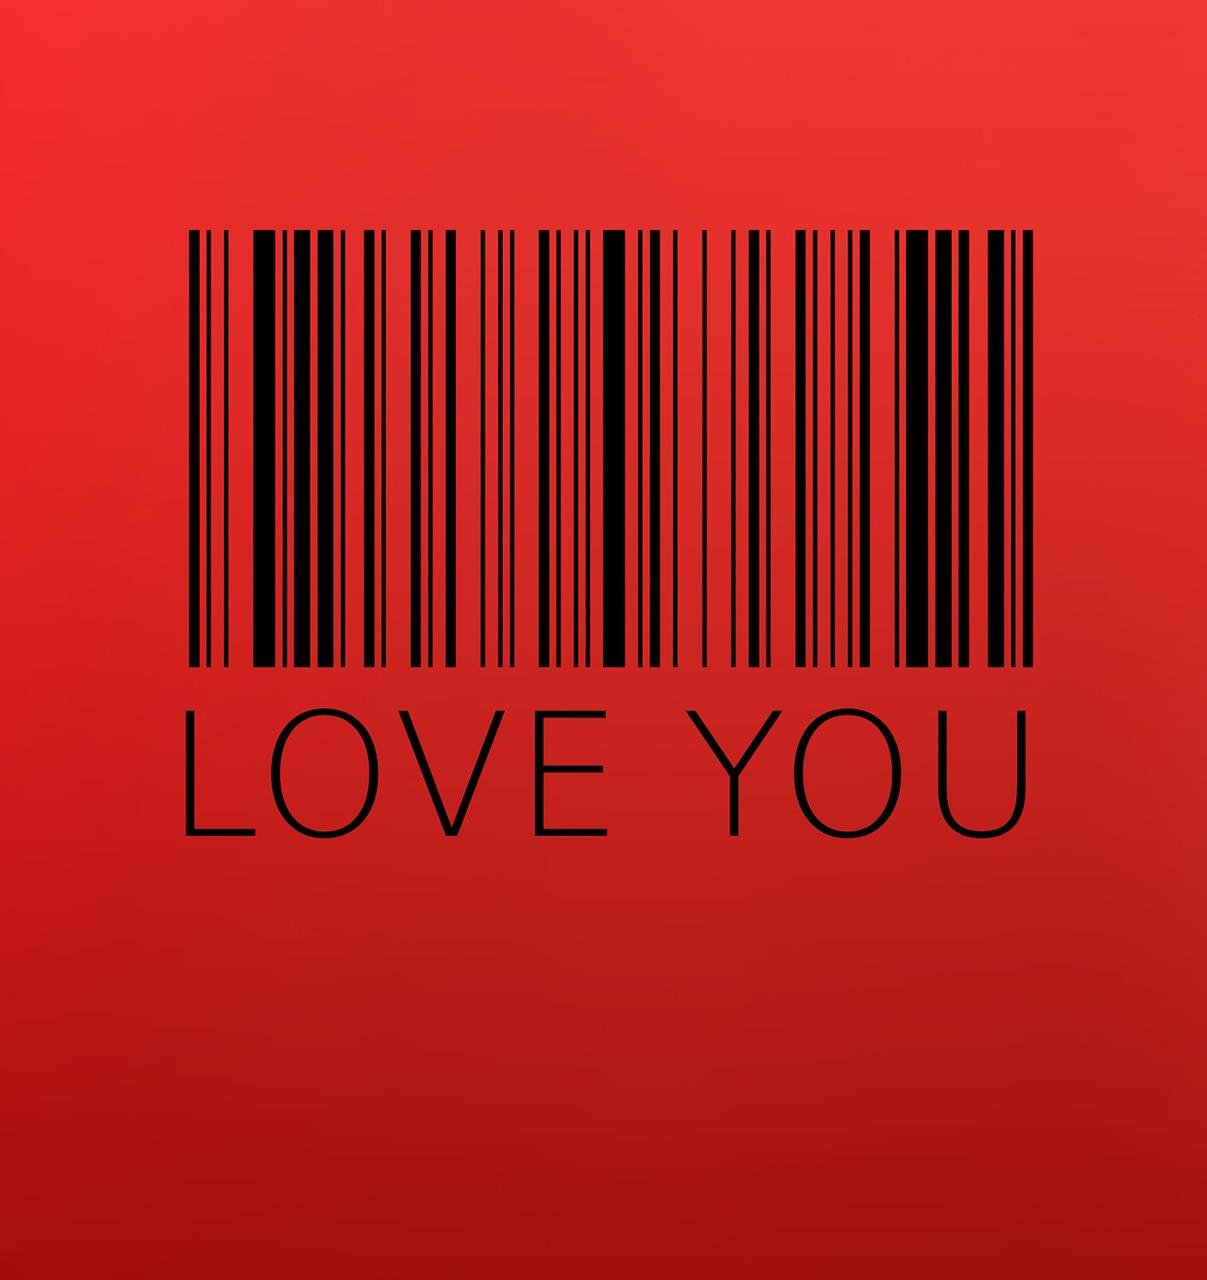 Hình ảnh chữ I Love You sáng tạo